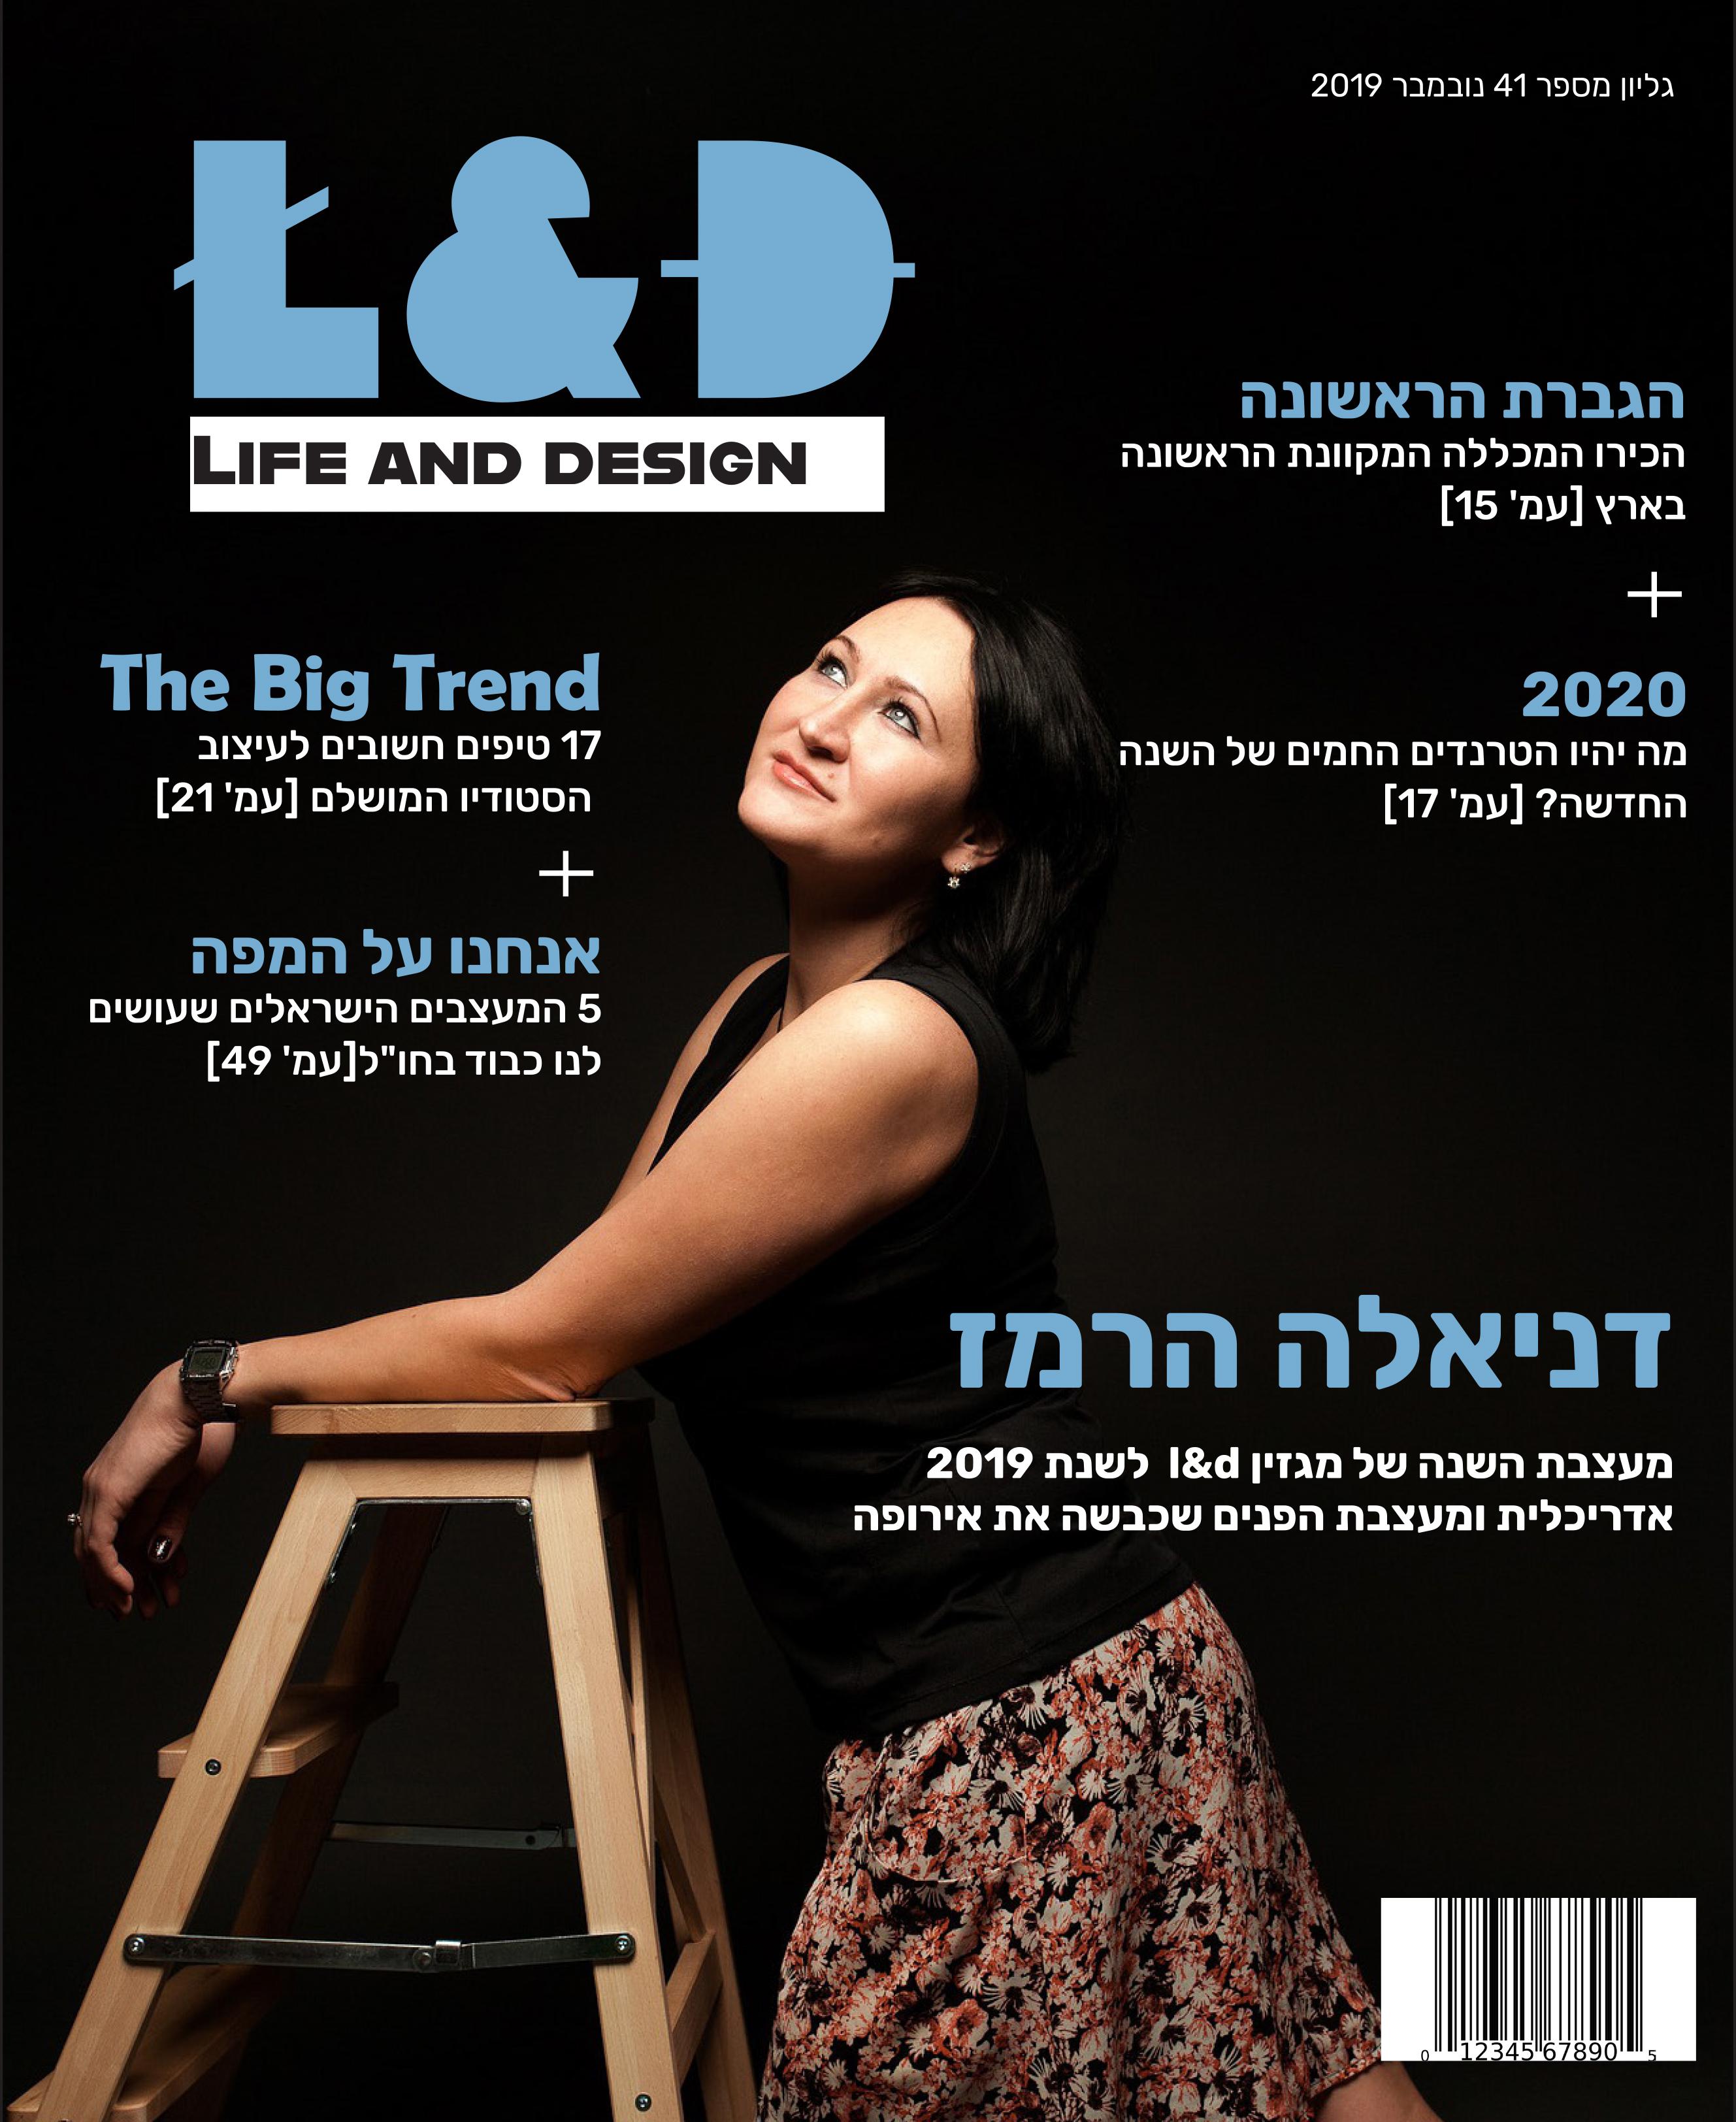 עיצוב קאבר למגזין - סמדר שפיגל